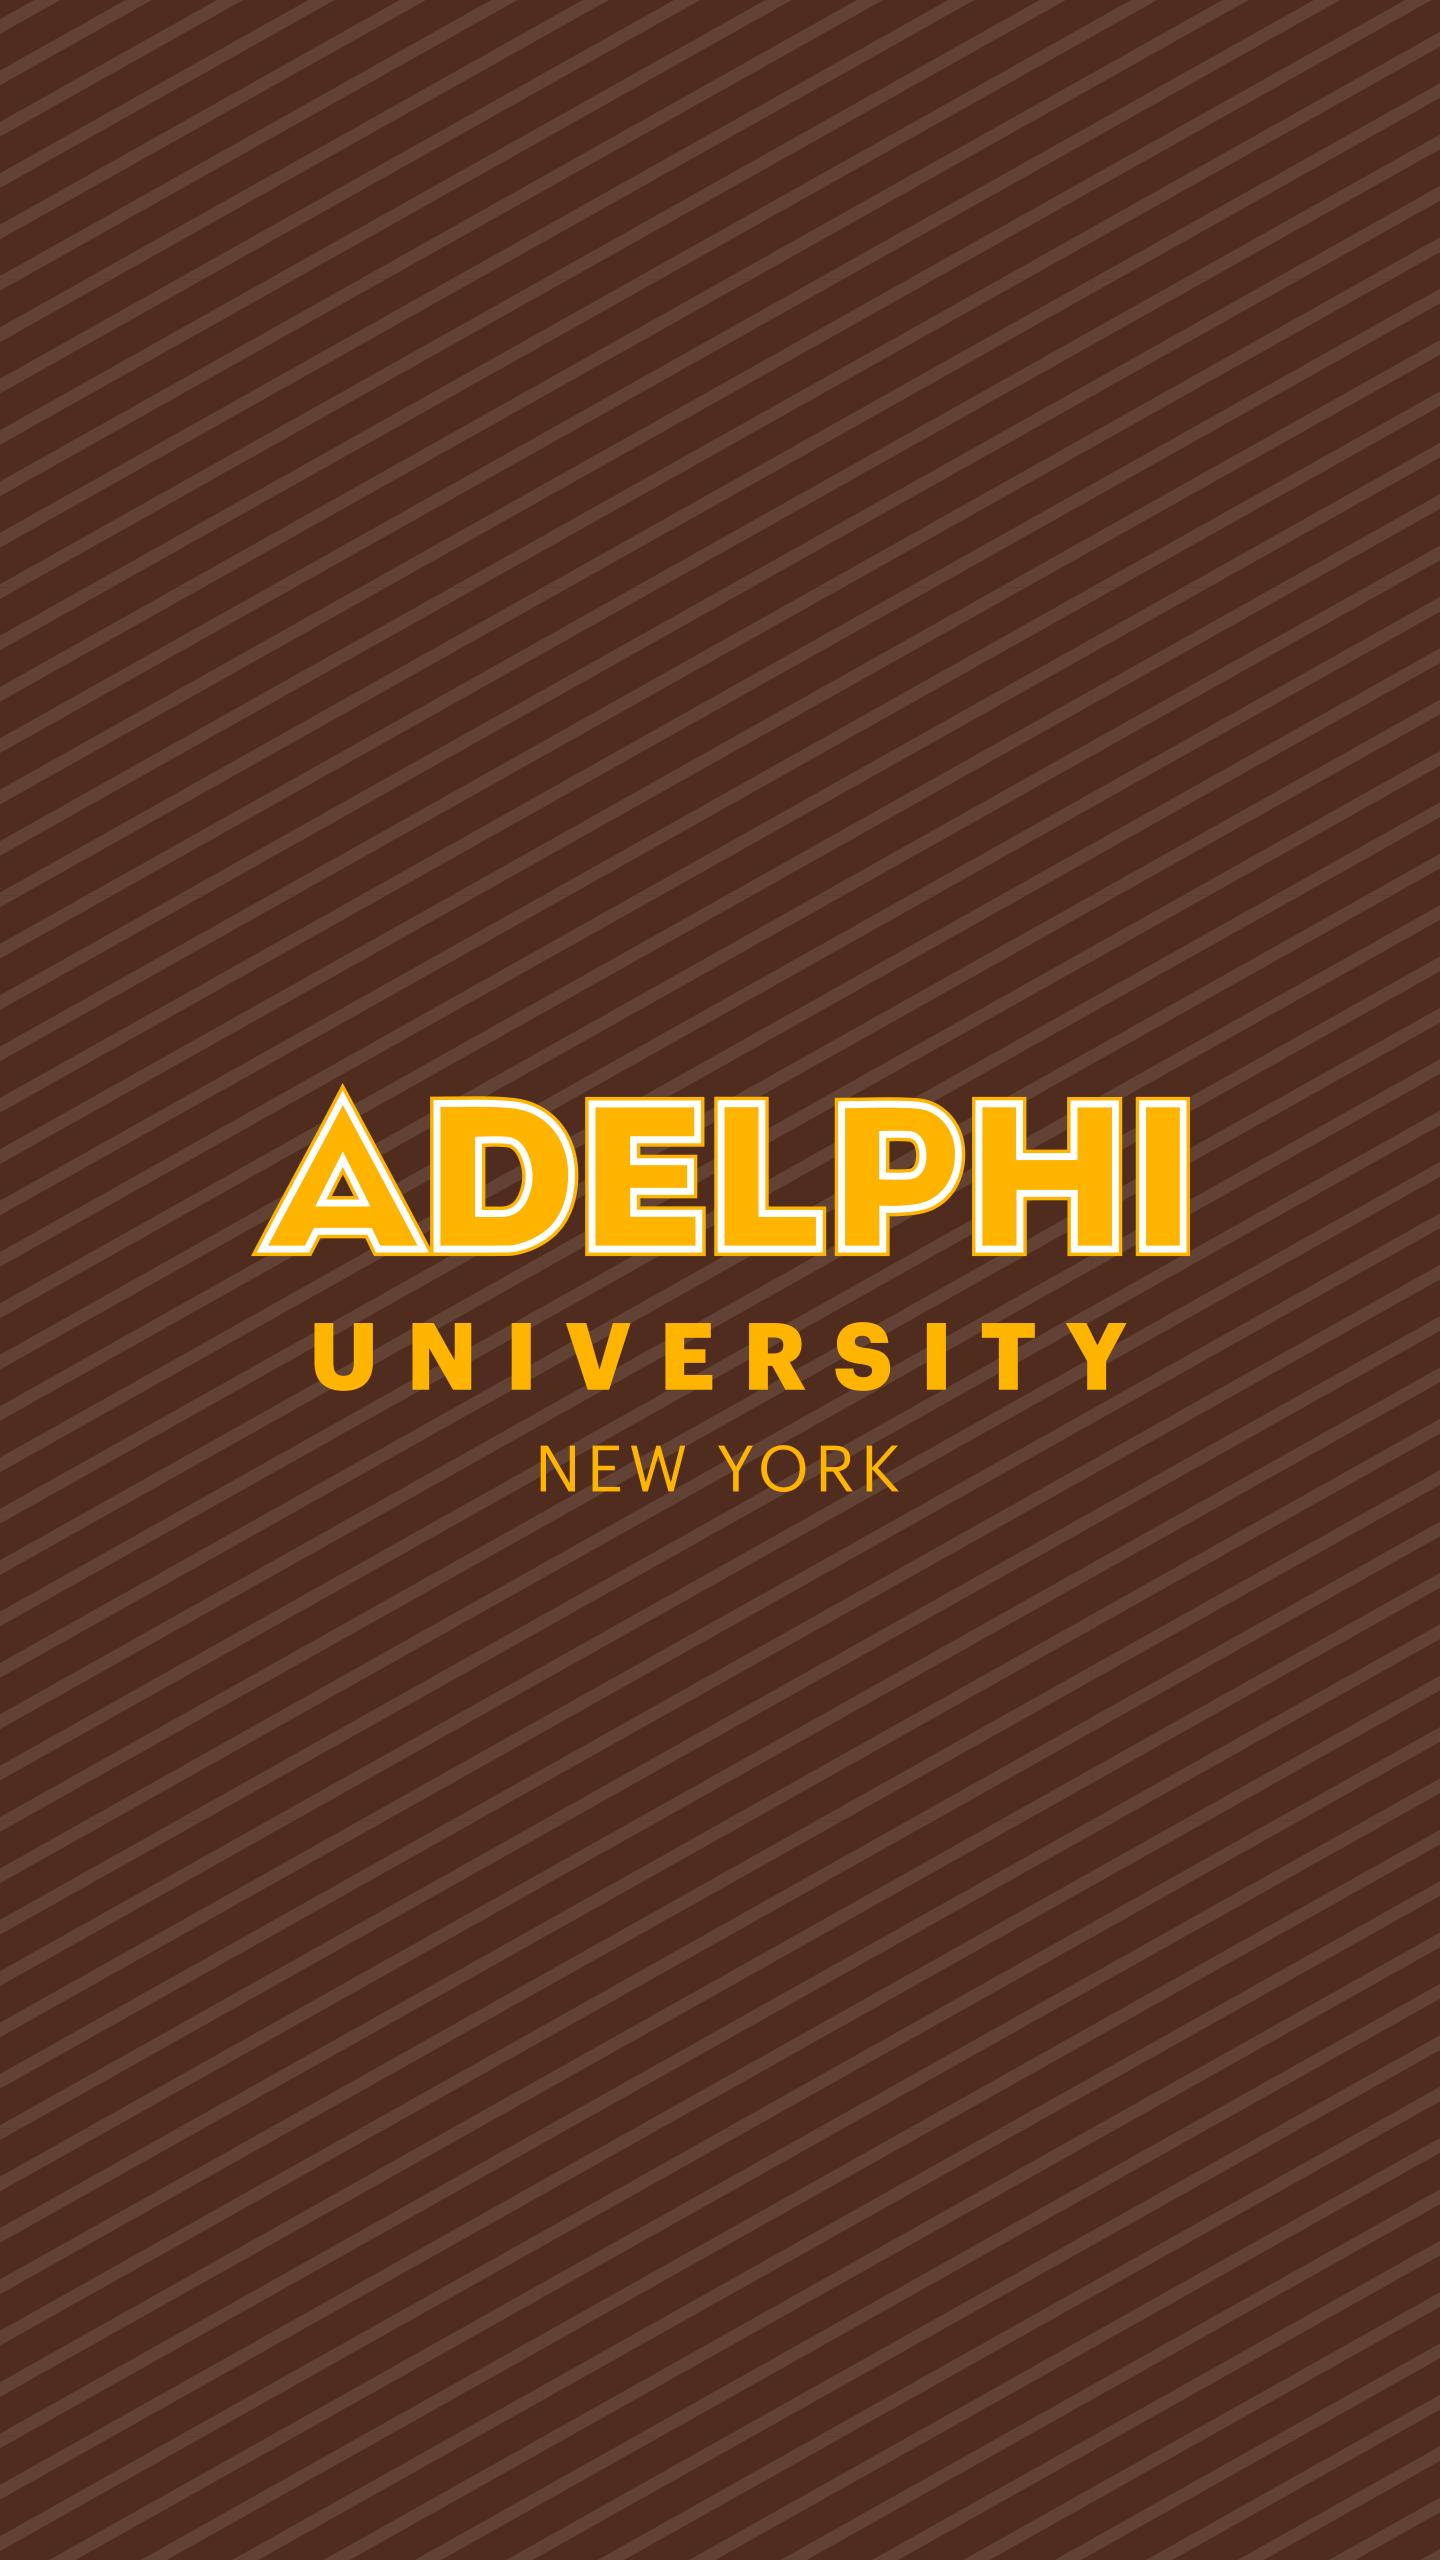 Smartphone - Adelphi Brown Wallpaper